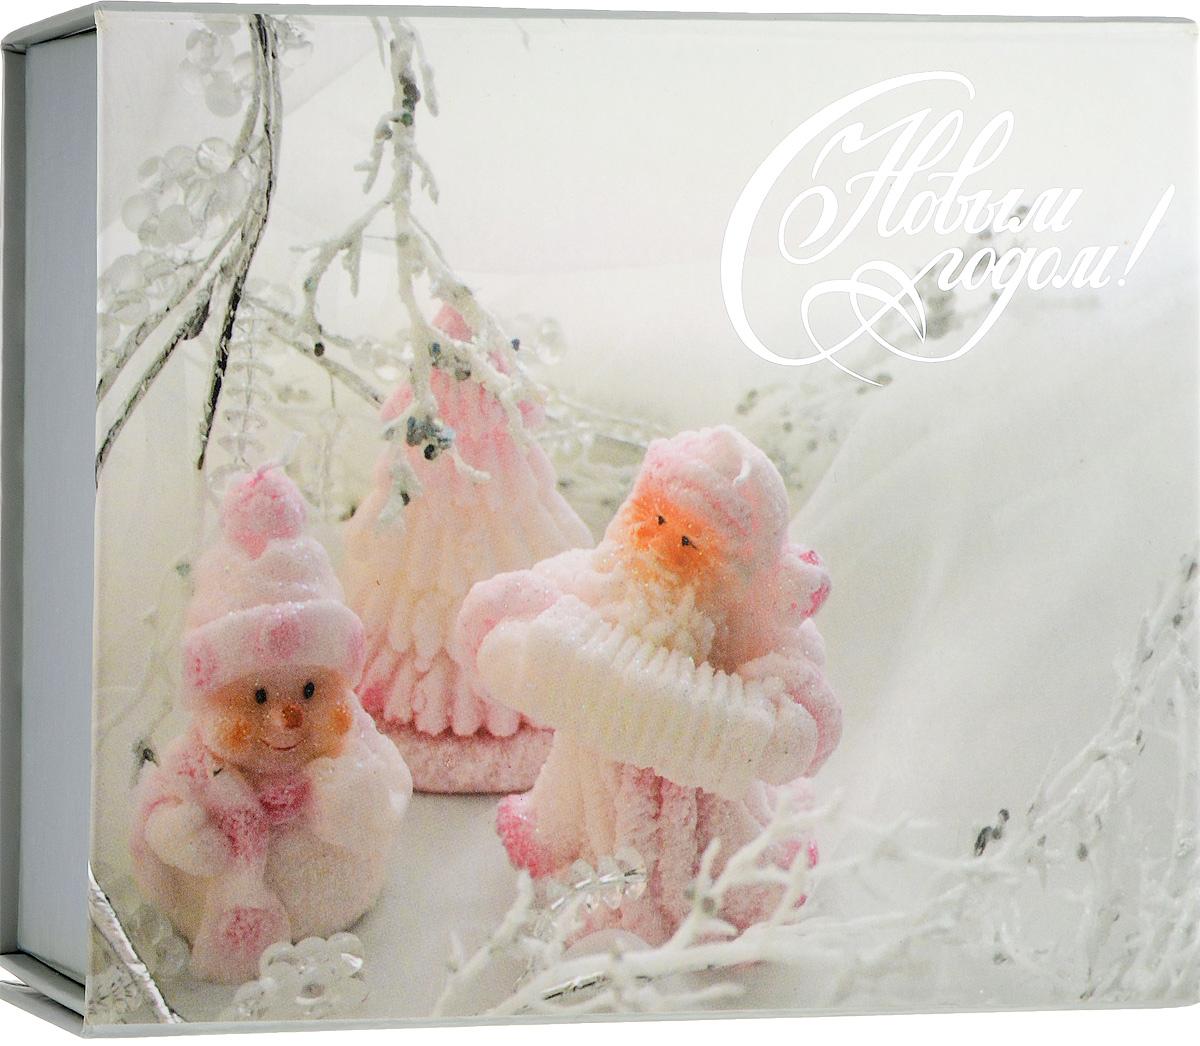 Коробка подарочная Winter Wings, 15,5 х 13 х 5 смN14046Подарочная коробка Winter Wings выполнена из картона. Крышка оформлена красивым изображением.Подарочная коробка - это наилучшее решение, если вы хотите порадовать ваших близких и создать праздничное настроение, ведь подарок, преподнесенный в оригинальной упаковке, всегда будет самым эффектным и запоминающимся. Окружите близких людей вниманием и заботой, вручив презент в нарядном, праздничном оформлении.Размеры: 15,5 х 13 х 5 см.